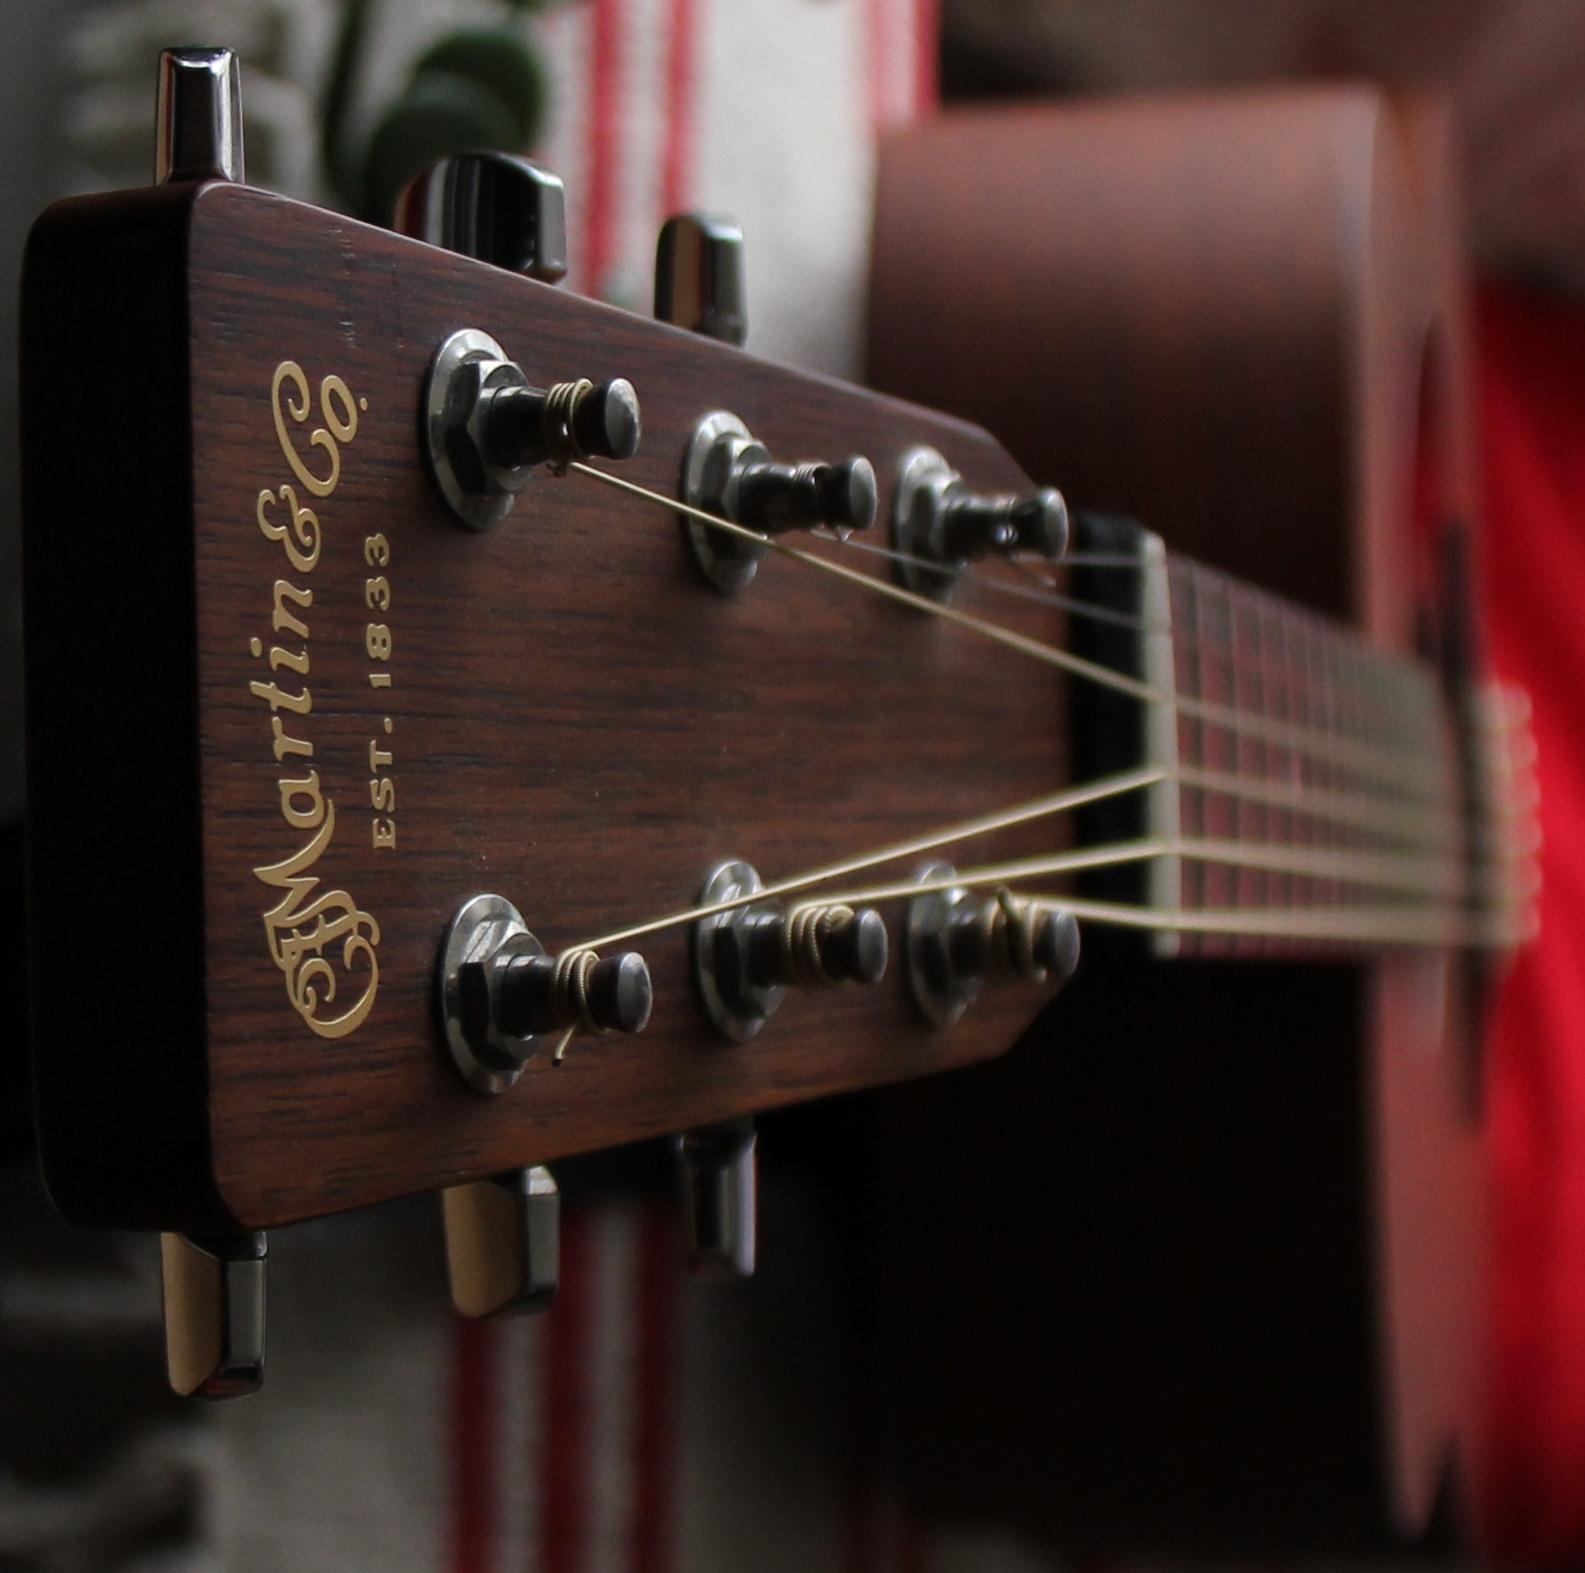 [Jeu] Association d'images - Page 2 270990d1326121822-martin-co-d-15-acoustic-guitar-mart3